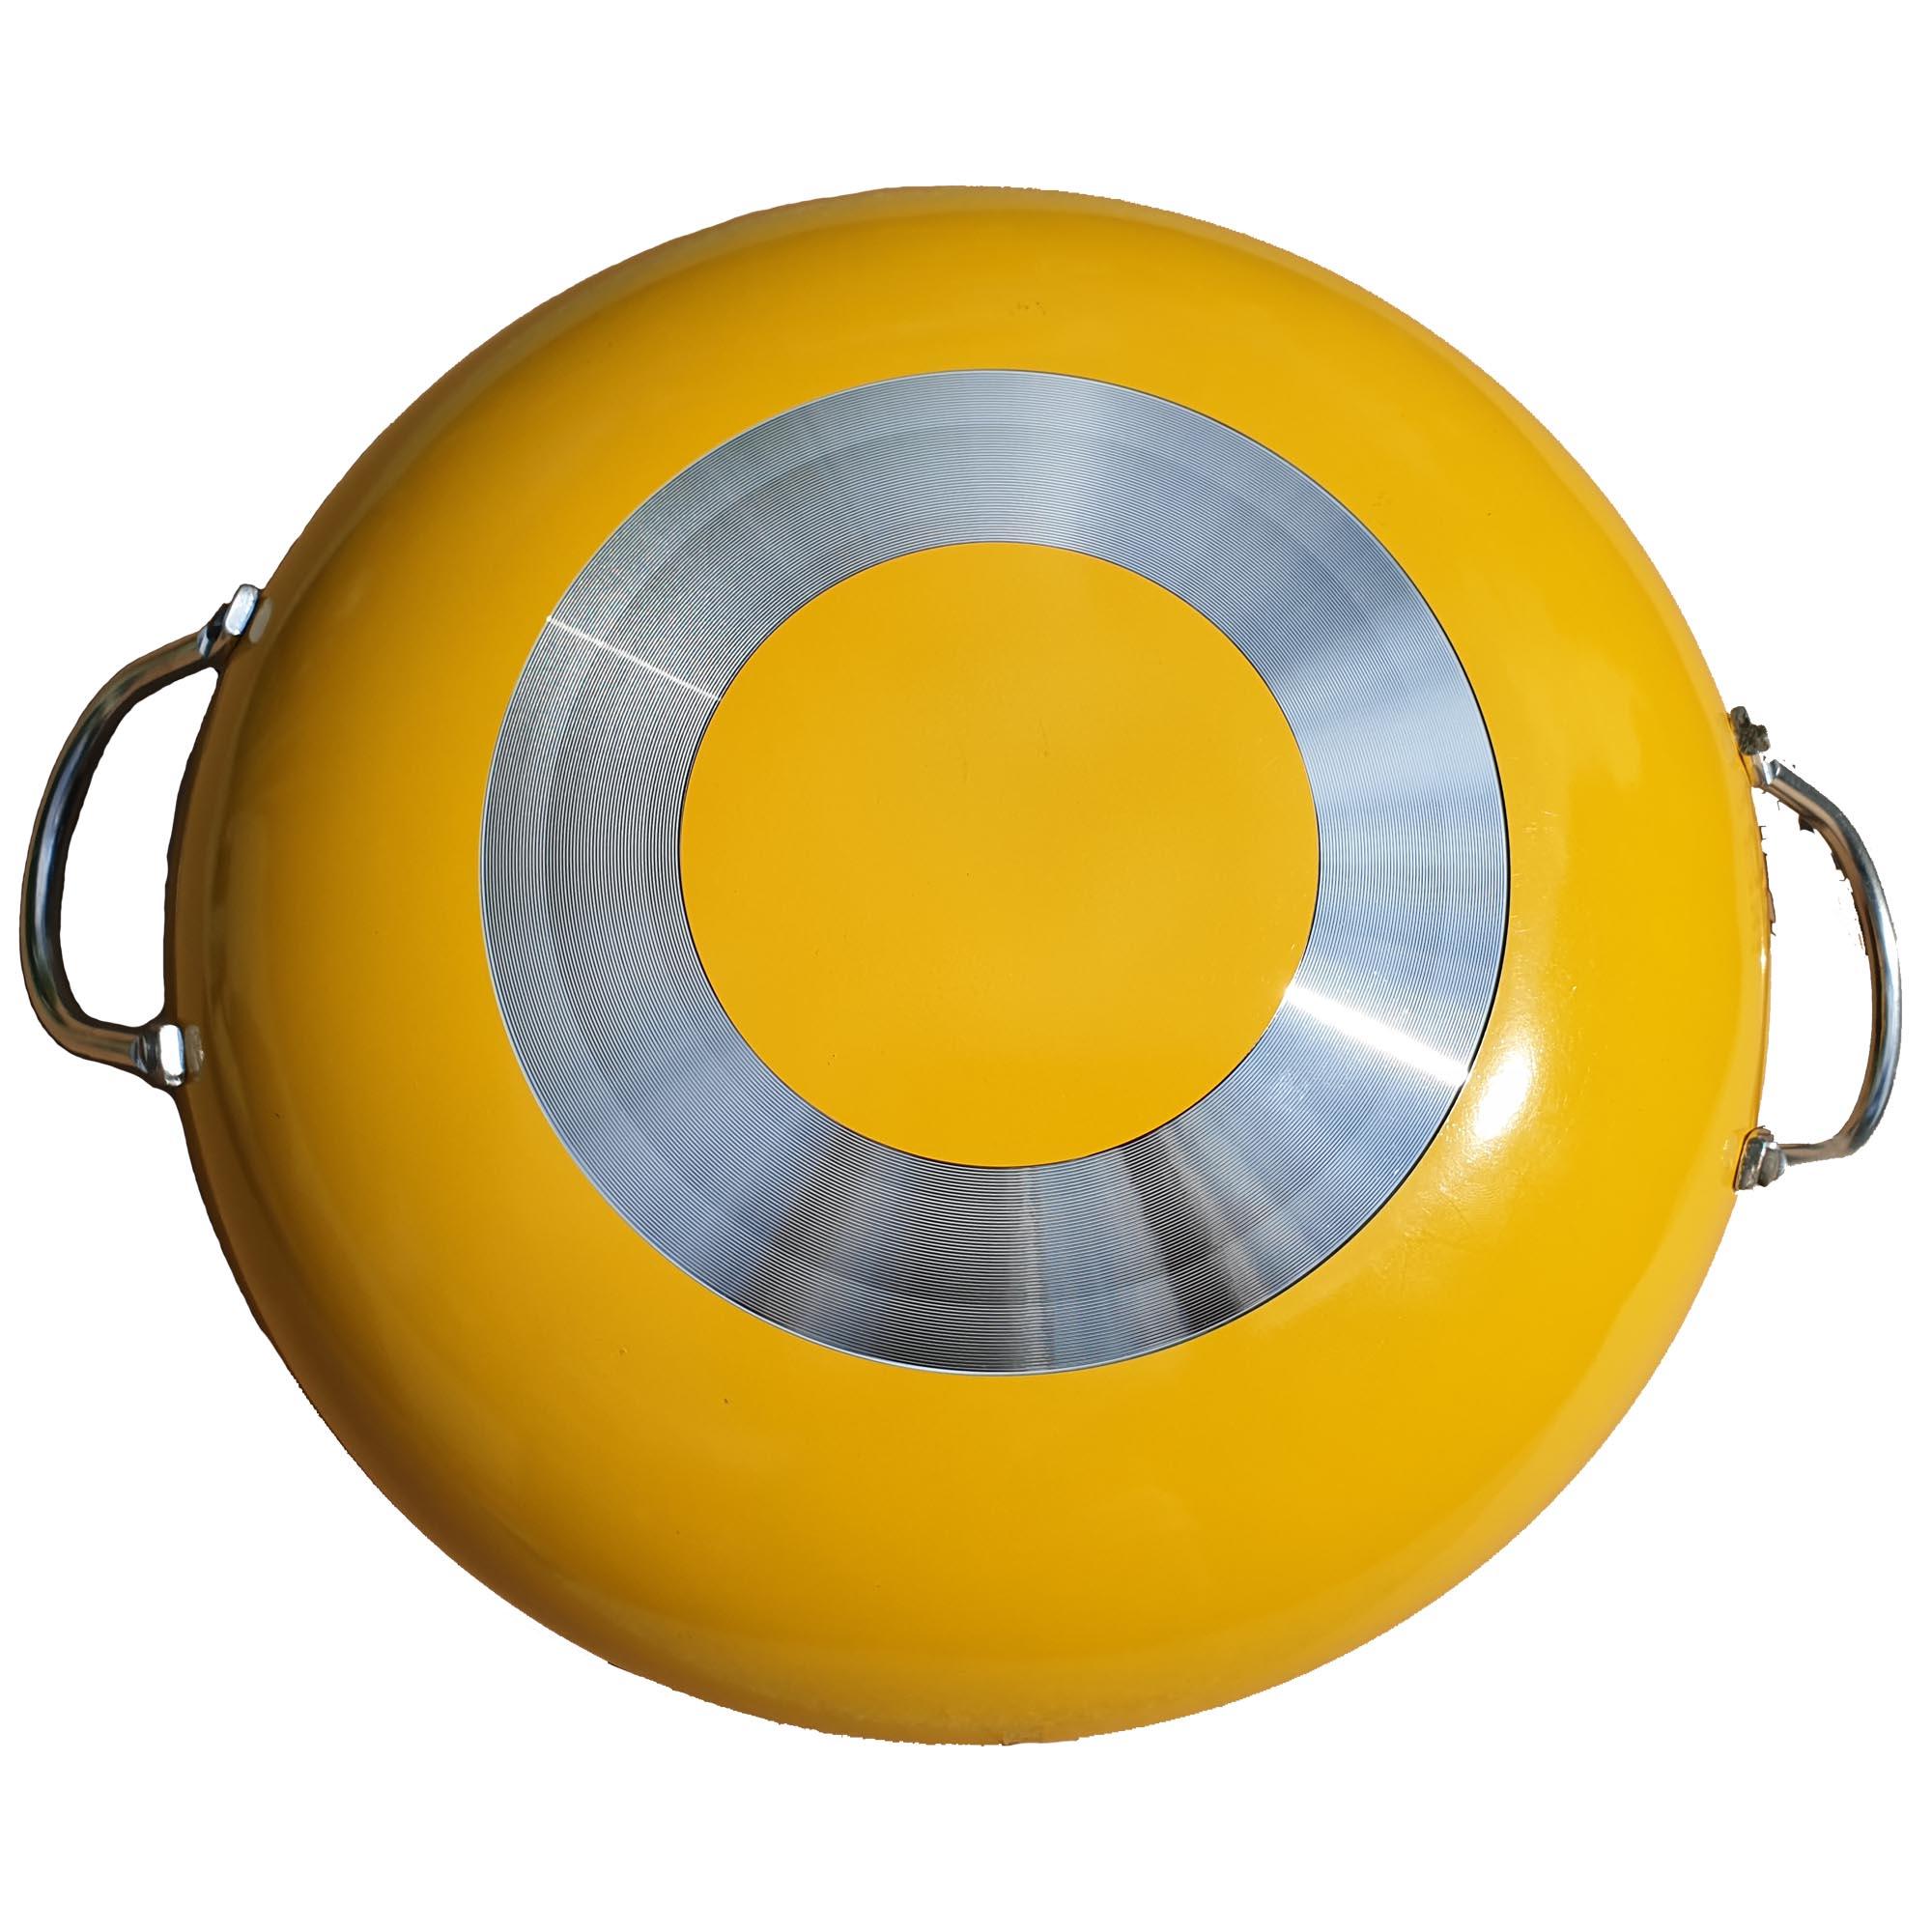 Chảo xào chống dính sâu lòng Green Cook GCP03-34 ALLCARE size 34 cm màu vàng